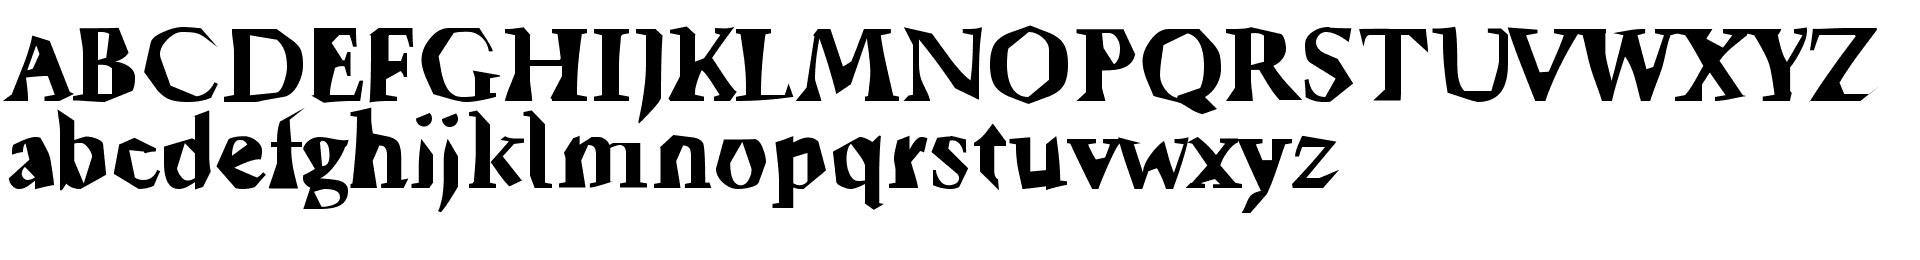 Ticky font